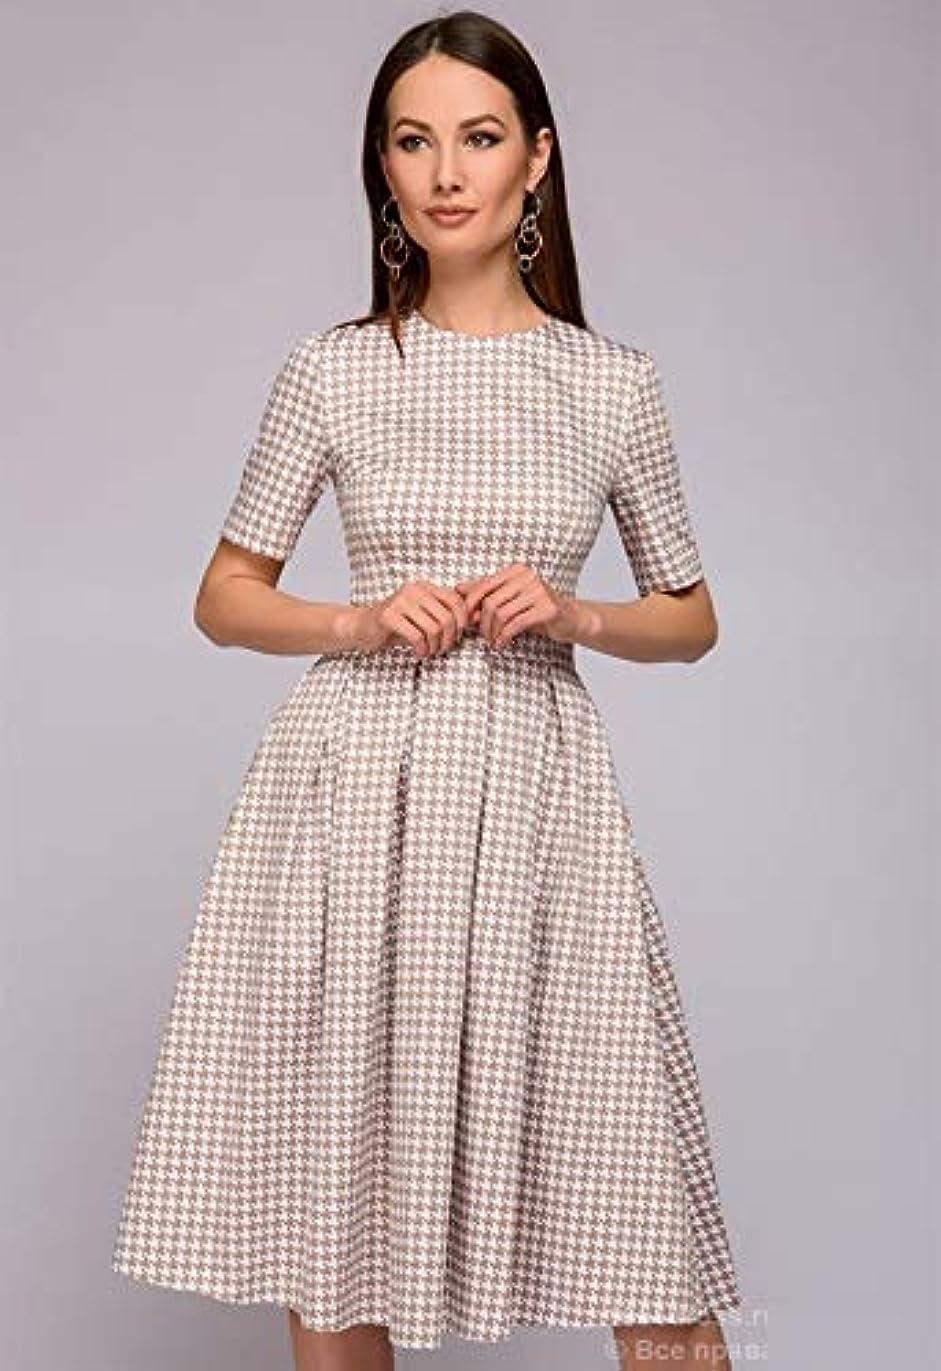 素晴らしいです床データムOnderroa - 秋の冬のドレスフラワープリントハーフ分袖パッチワークドレスの女性のカジュアルエレガントなパッチワークAラインvestidos [XXLネイビーブルー]